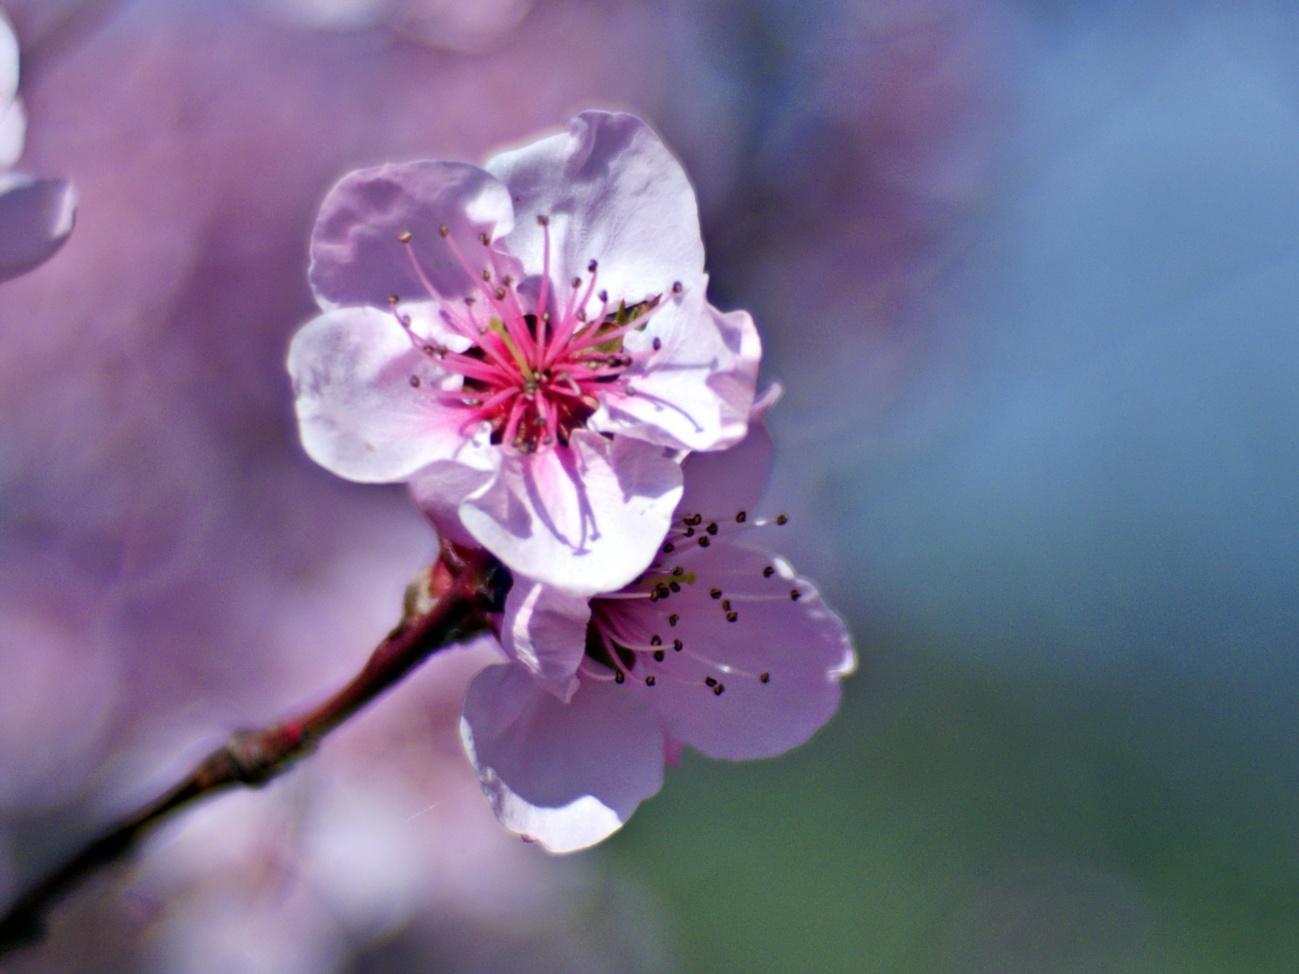 Bilder der Woche #67 (KW14/2021) – Weinbergpfirsichblüte